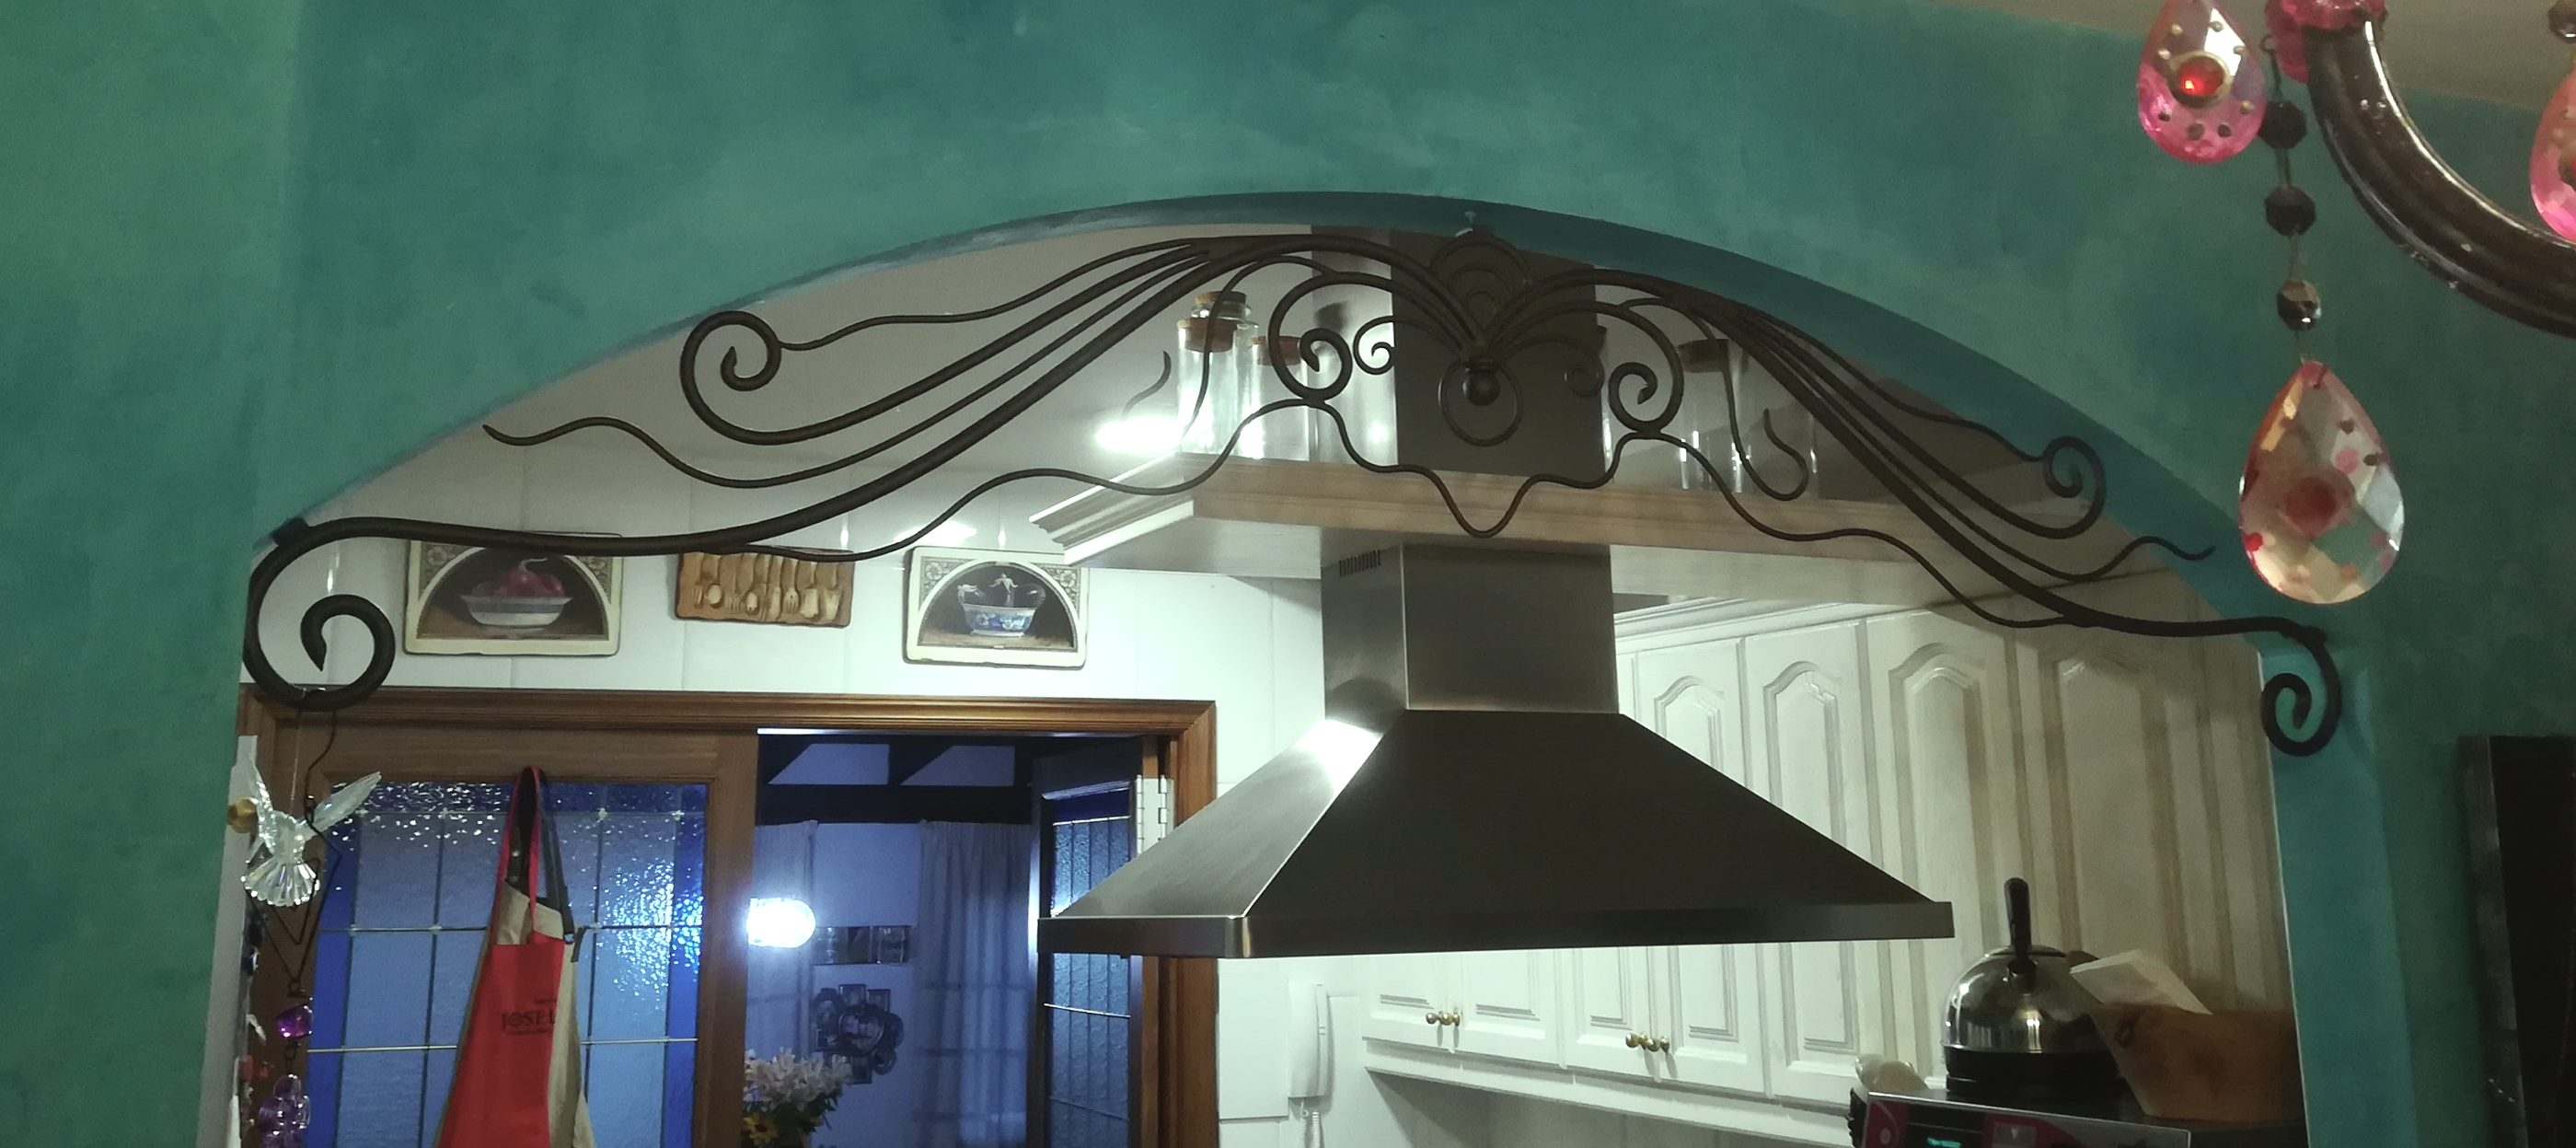 Detalles y complementos en hierro forjado, para exteriores e interiores